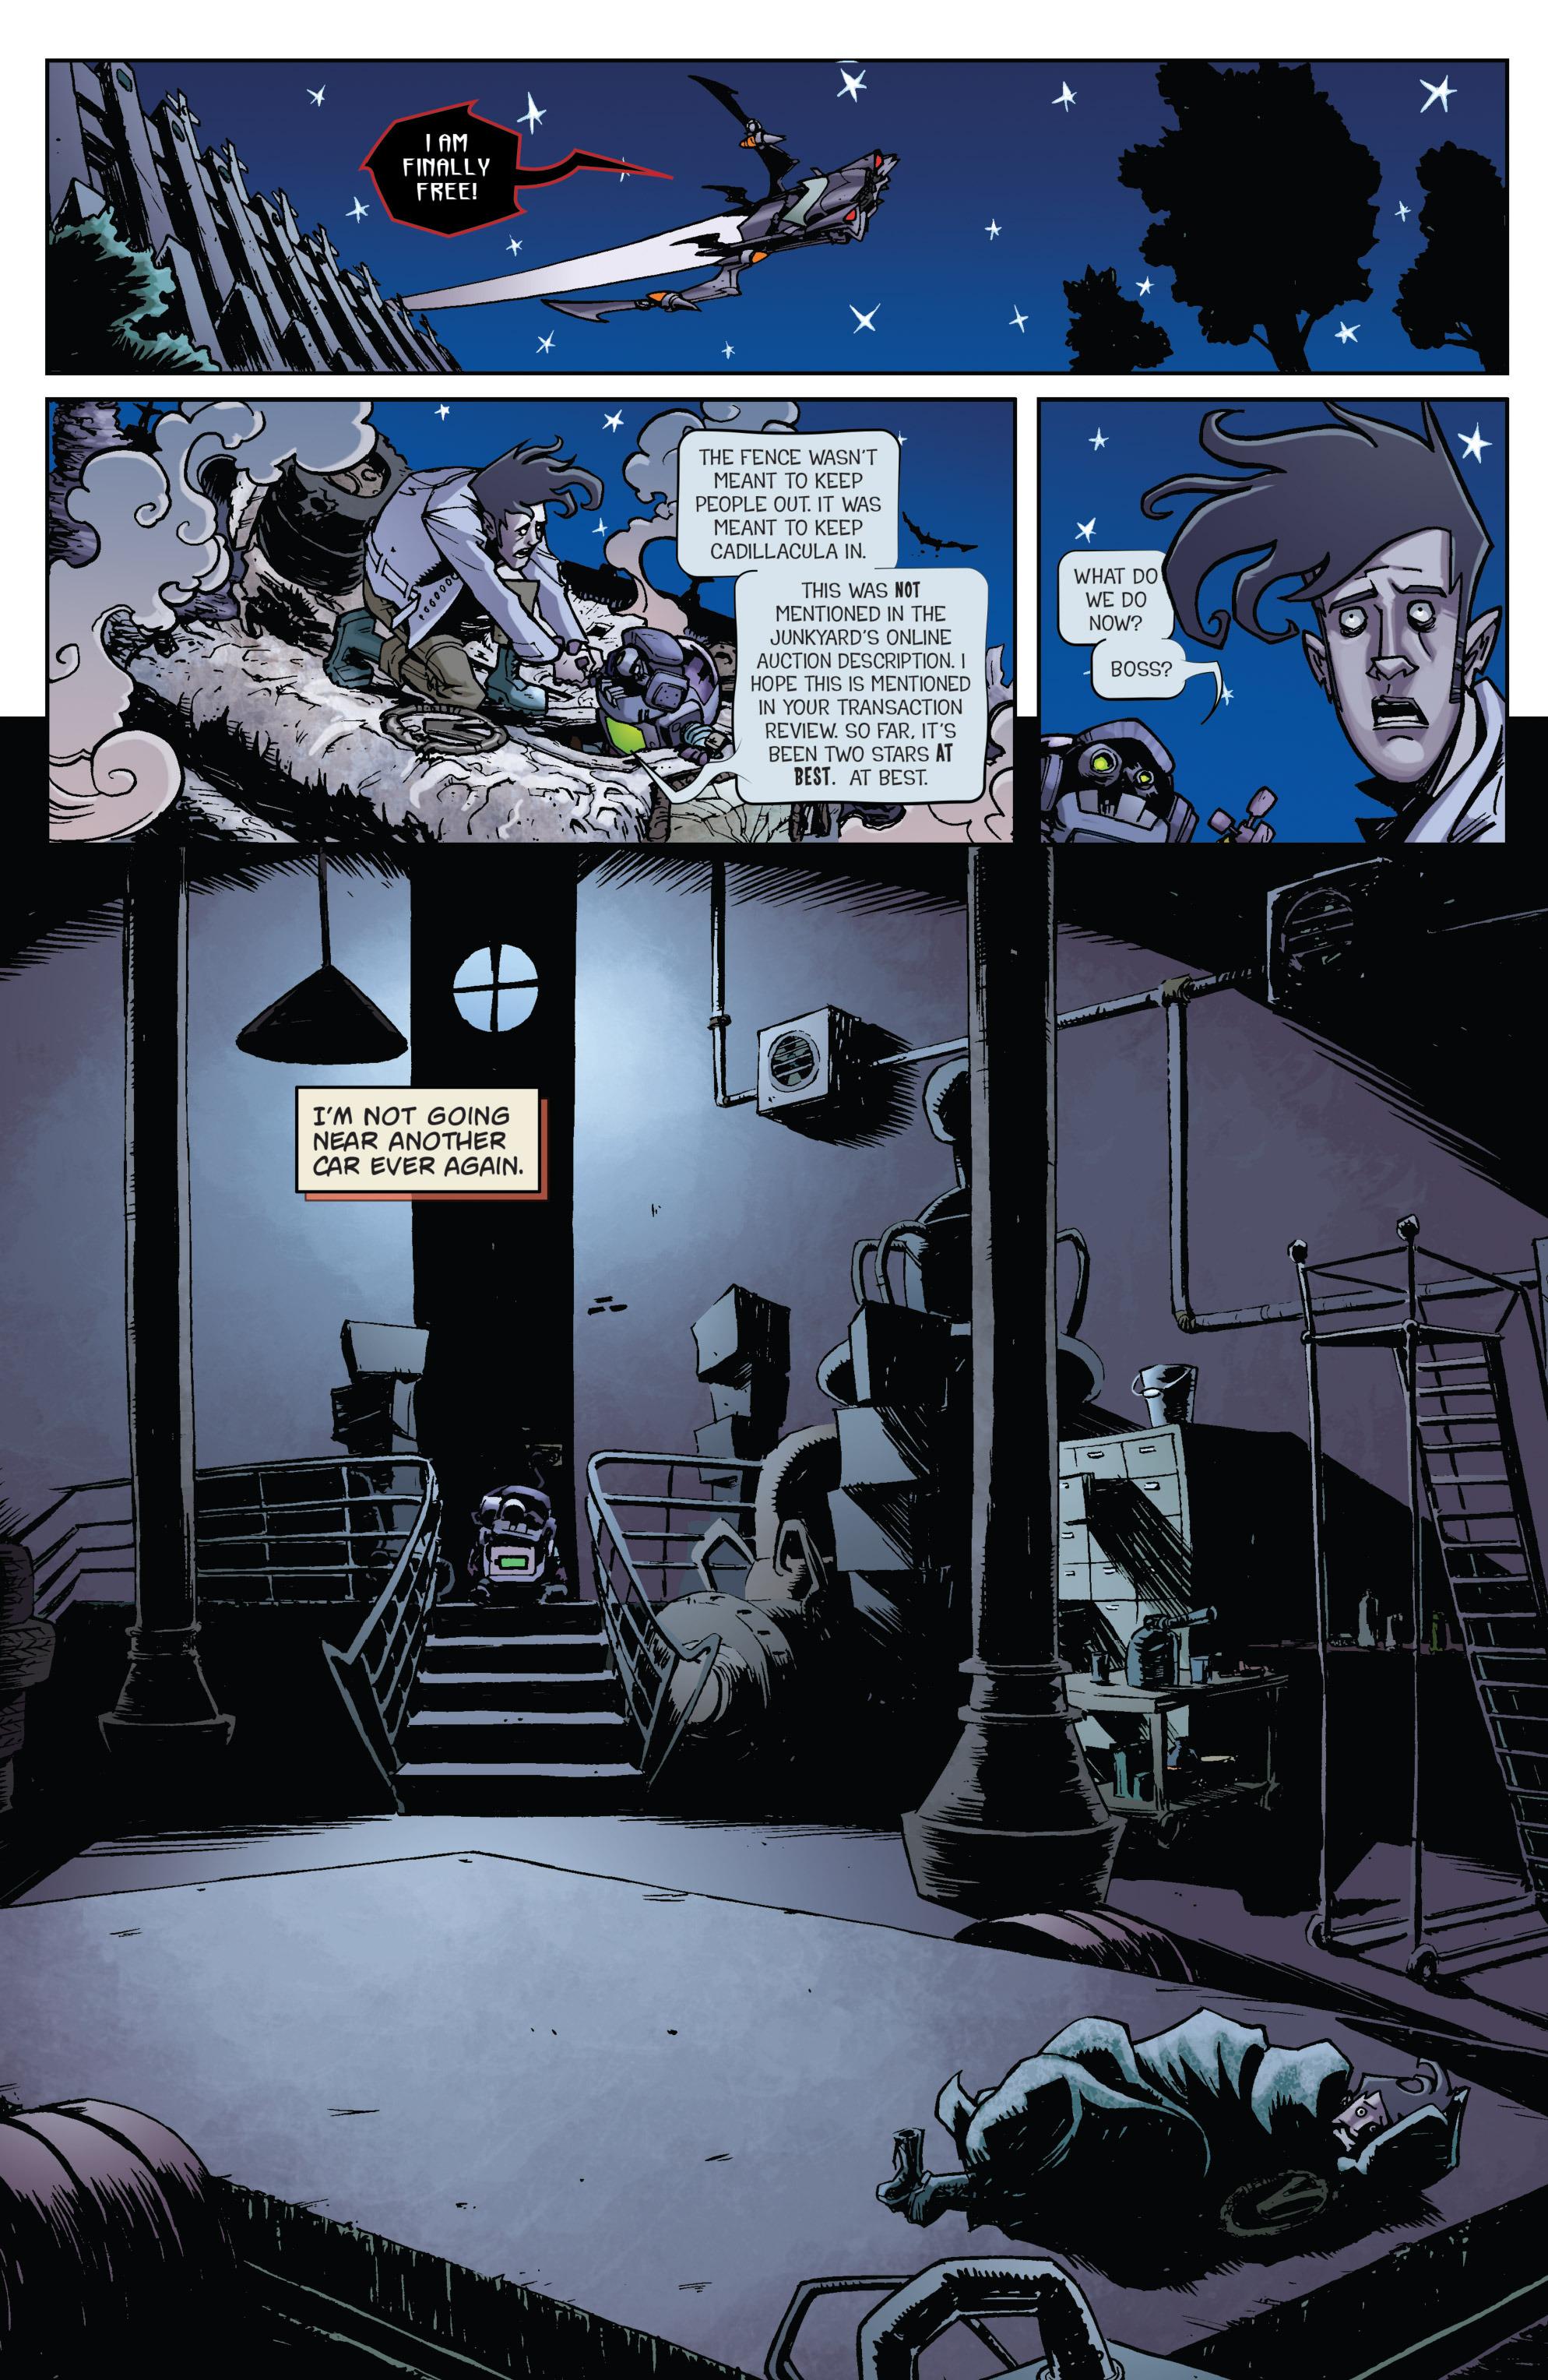 Read online Monster Motors comic -  Issue # Full - 19